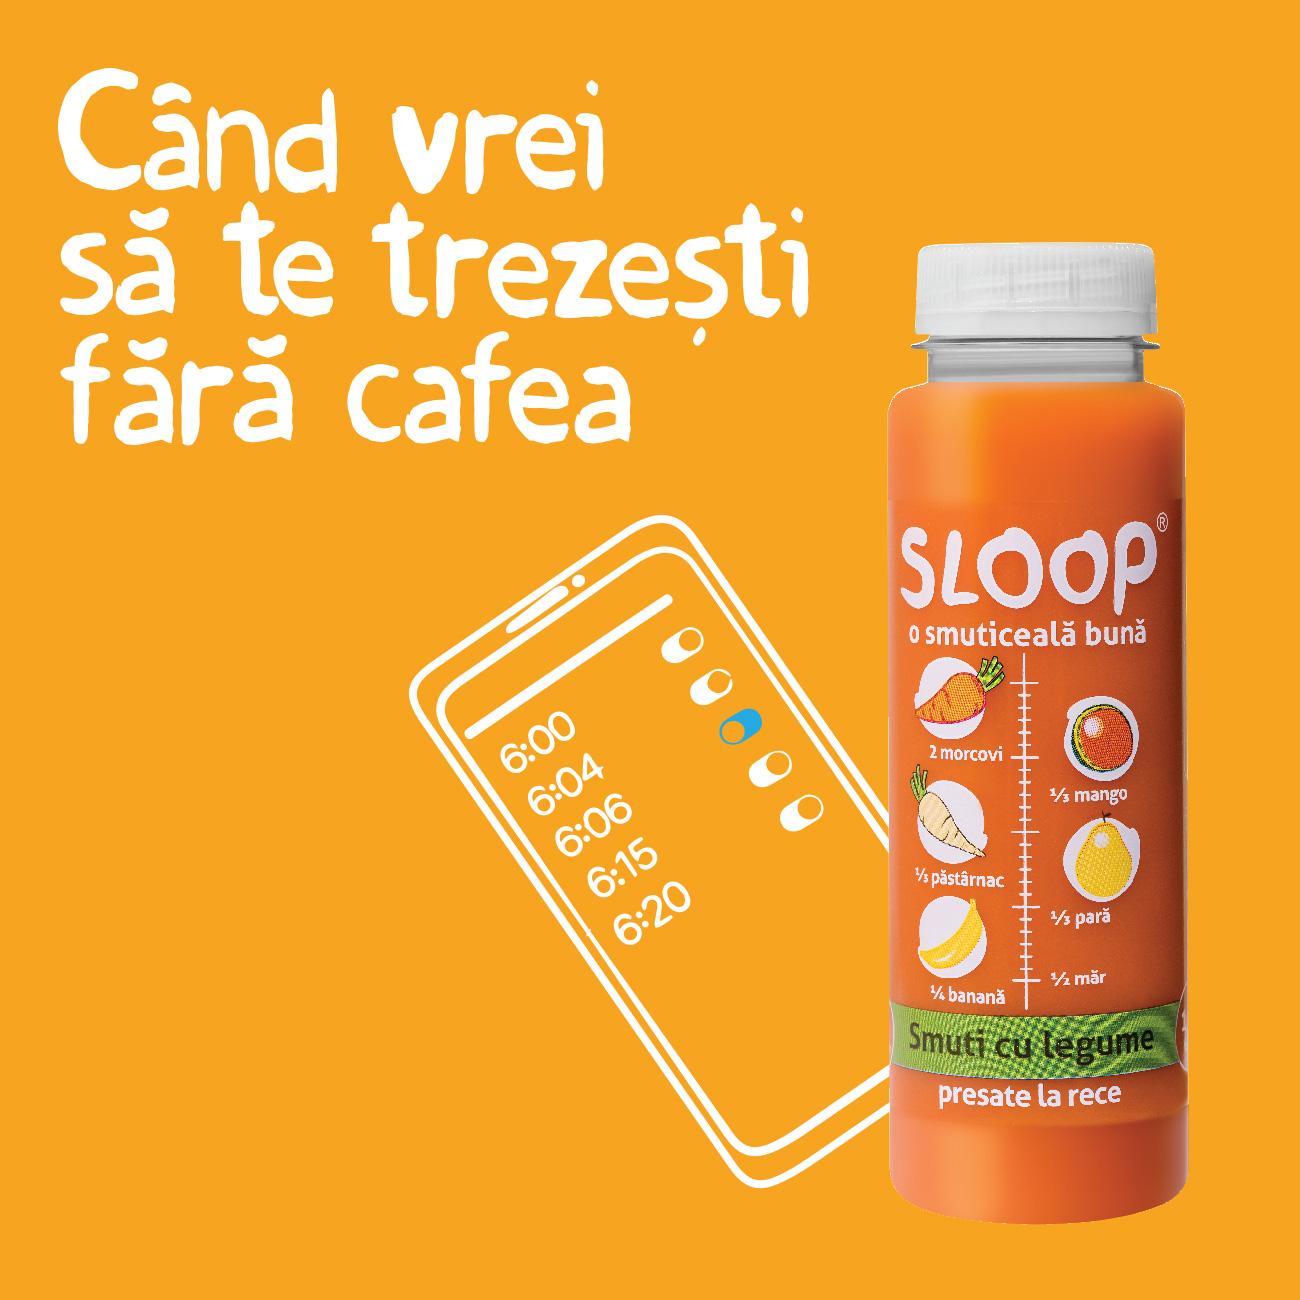 Fara cafea - Smuti natural cu legume